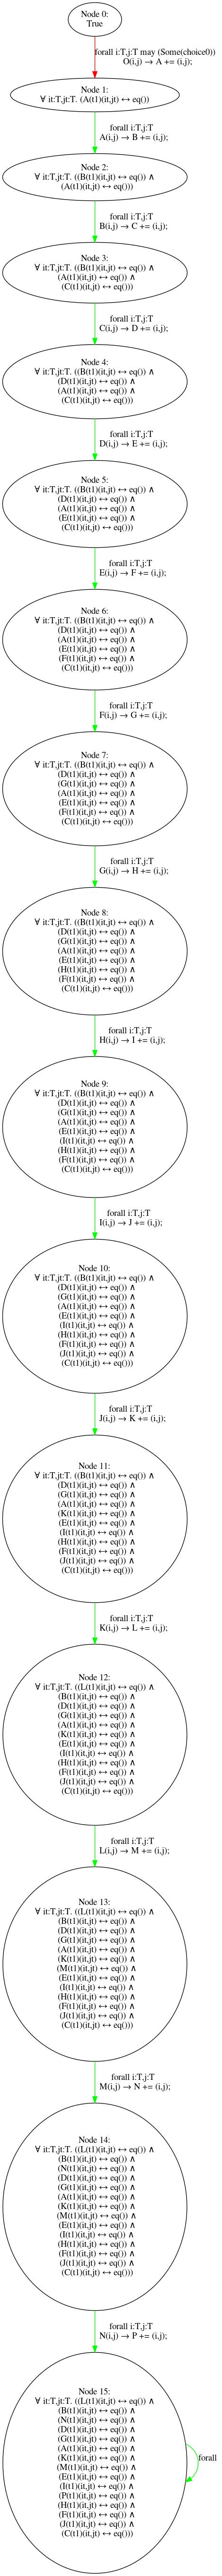 results/nonomitting/fixedarity15/fixedarity15_stubborn_alleq_15.png